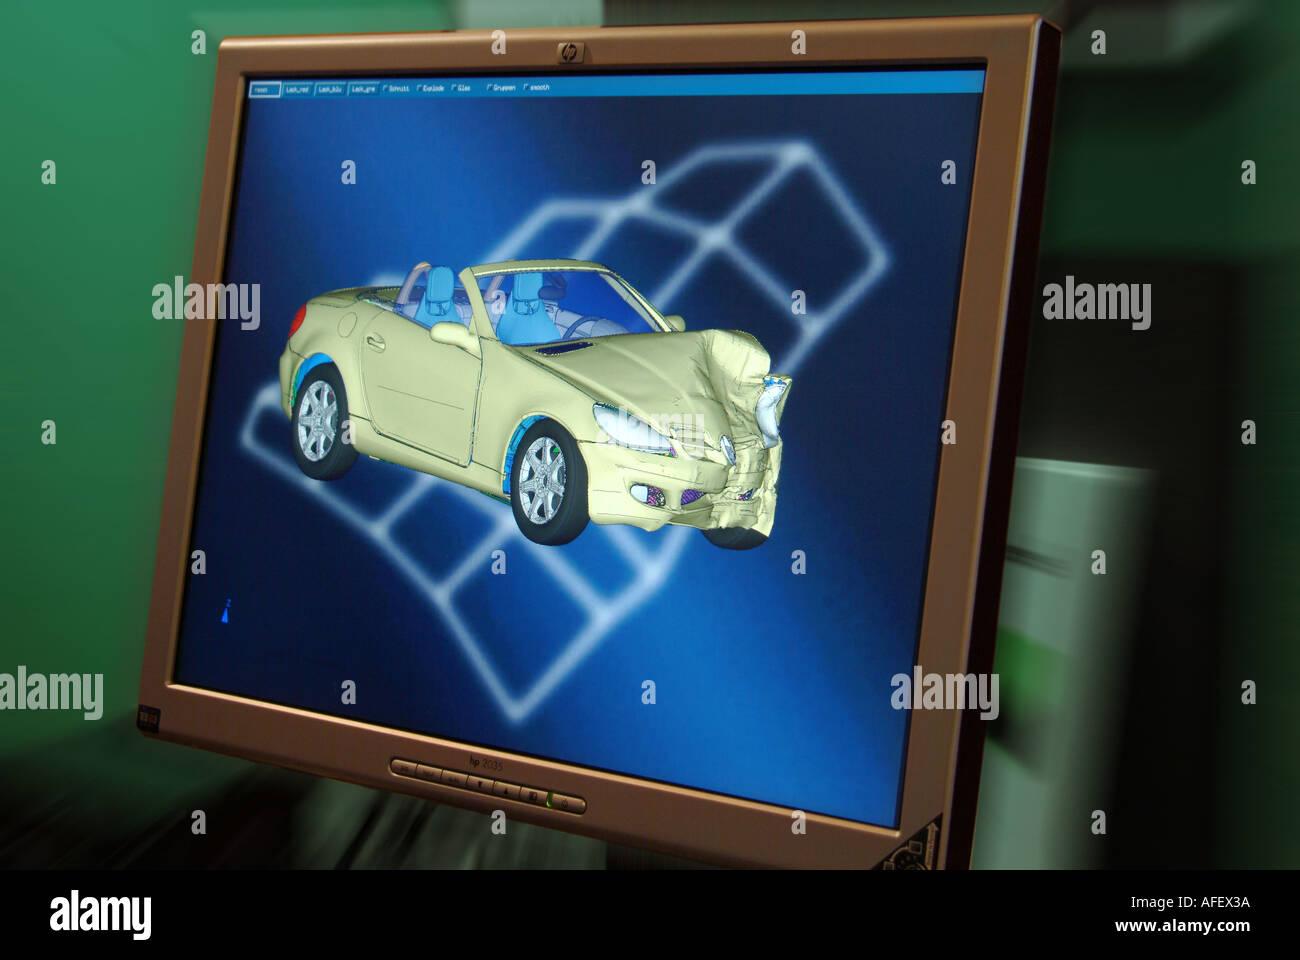 crashtest simulation Virtuelle rechnergestützte Unfallforschung - Stock Image